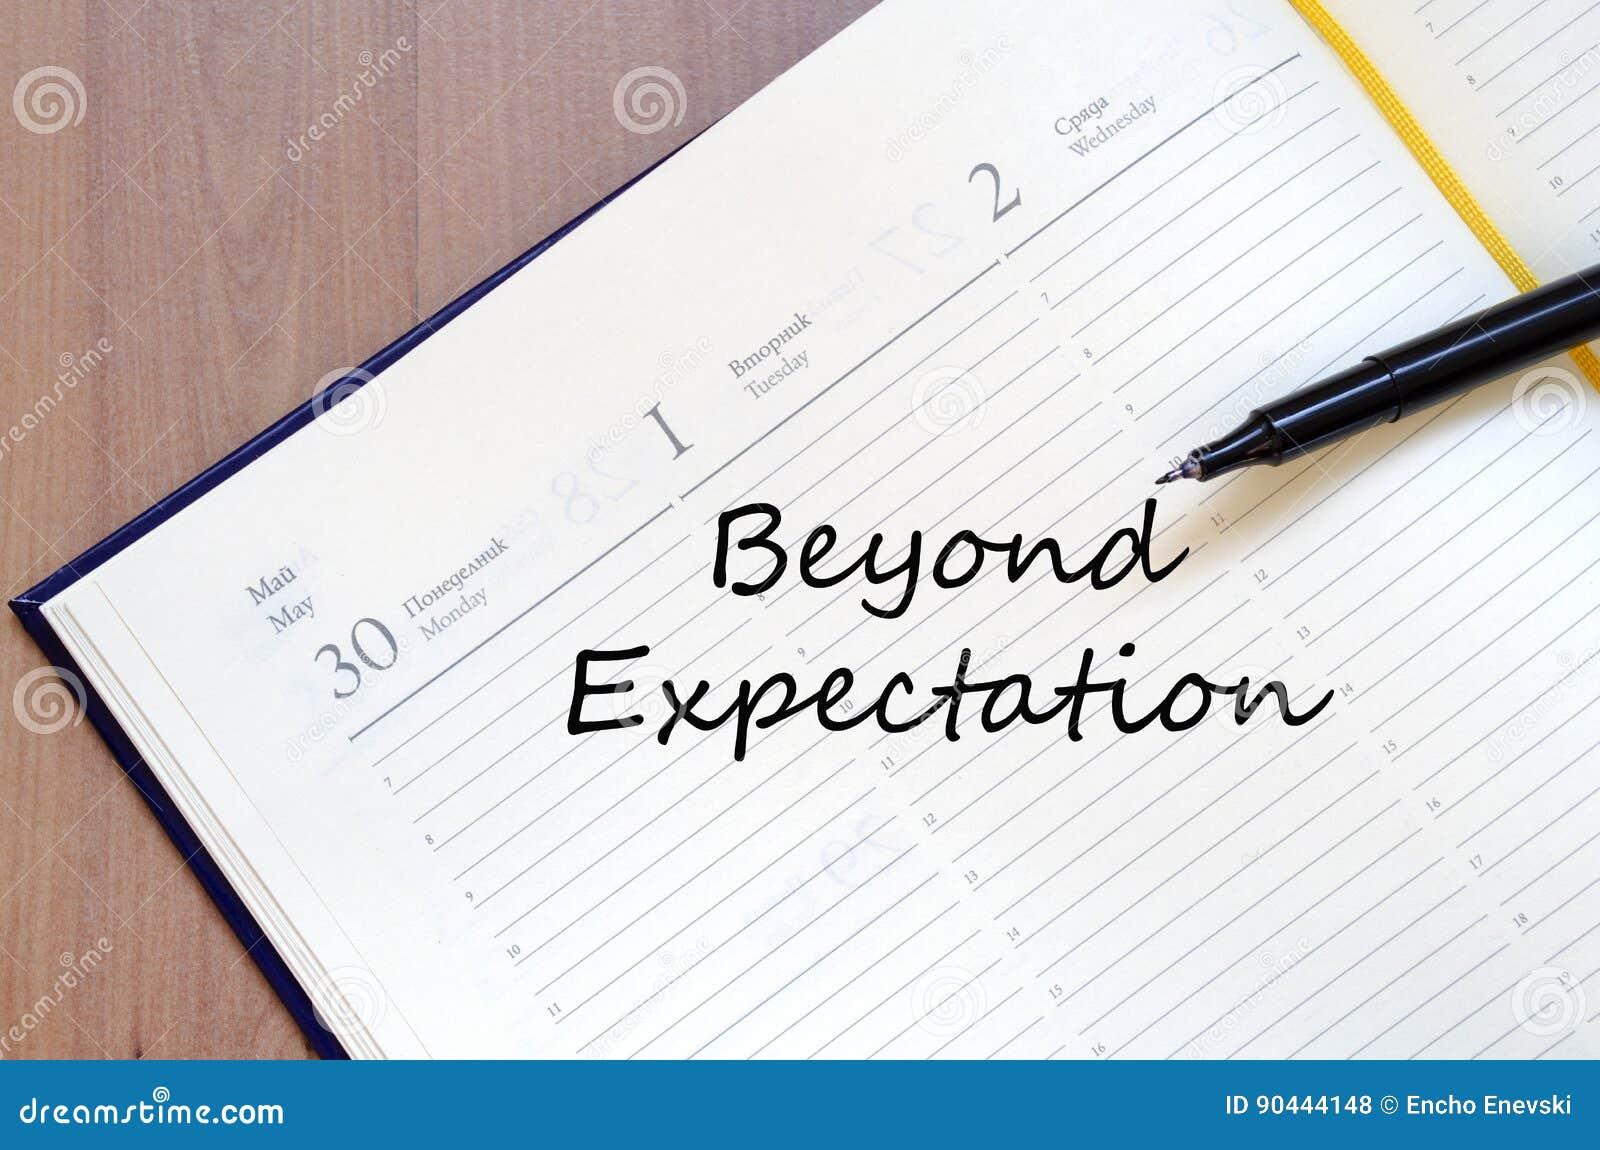 Έννοια προσδοκίας Beyong